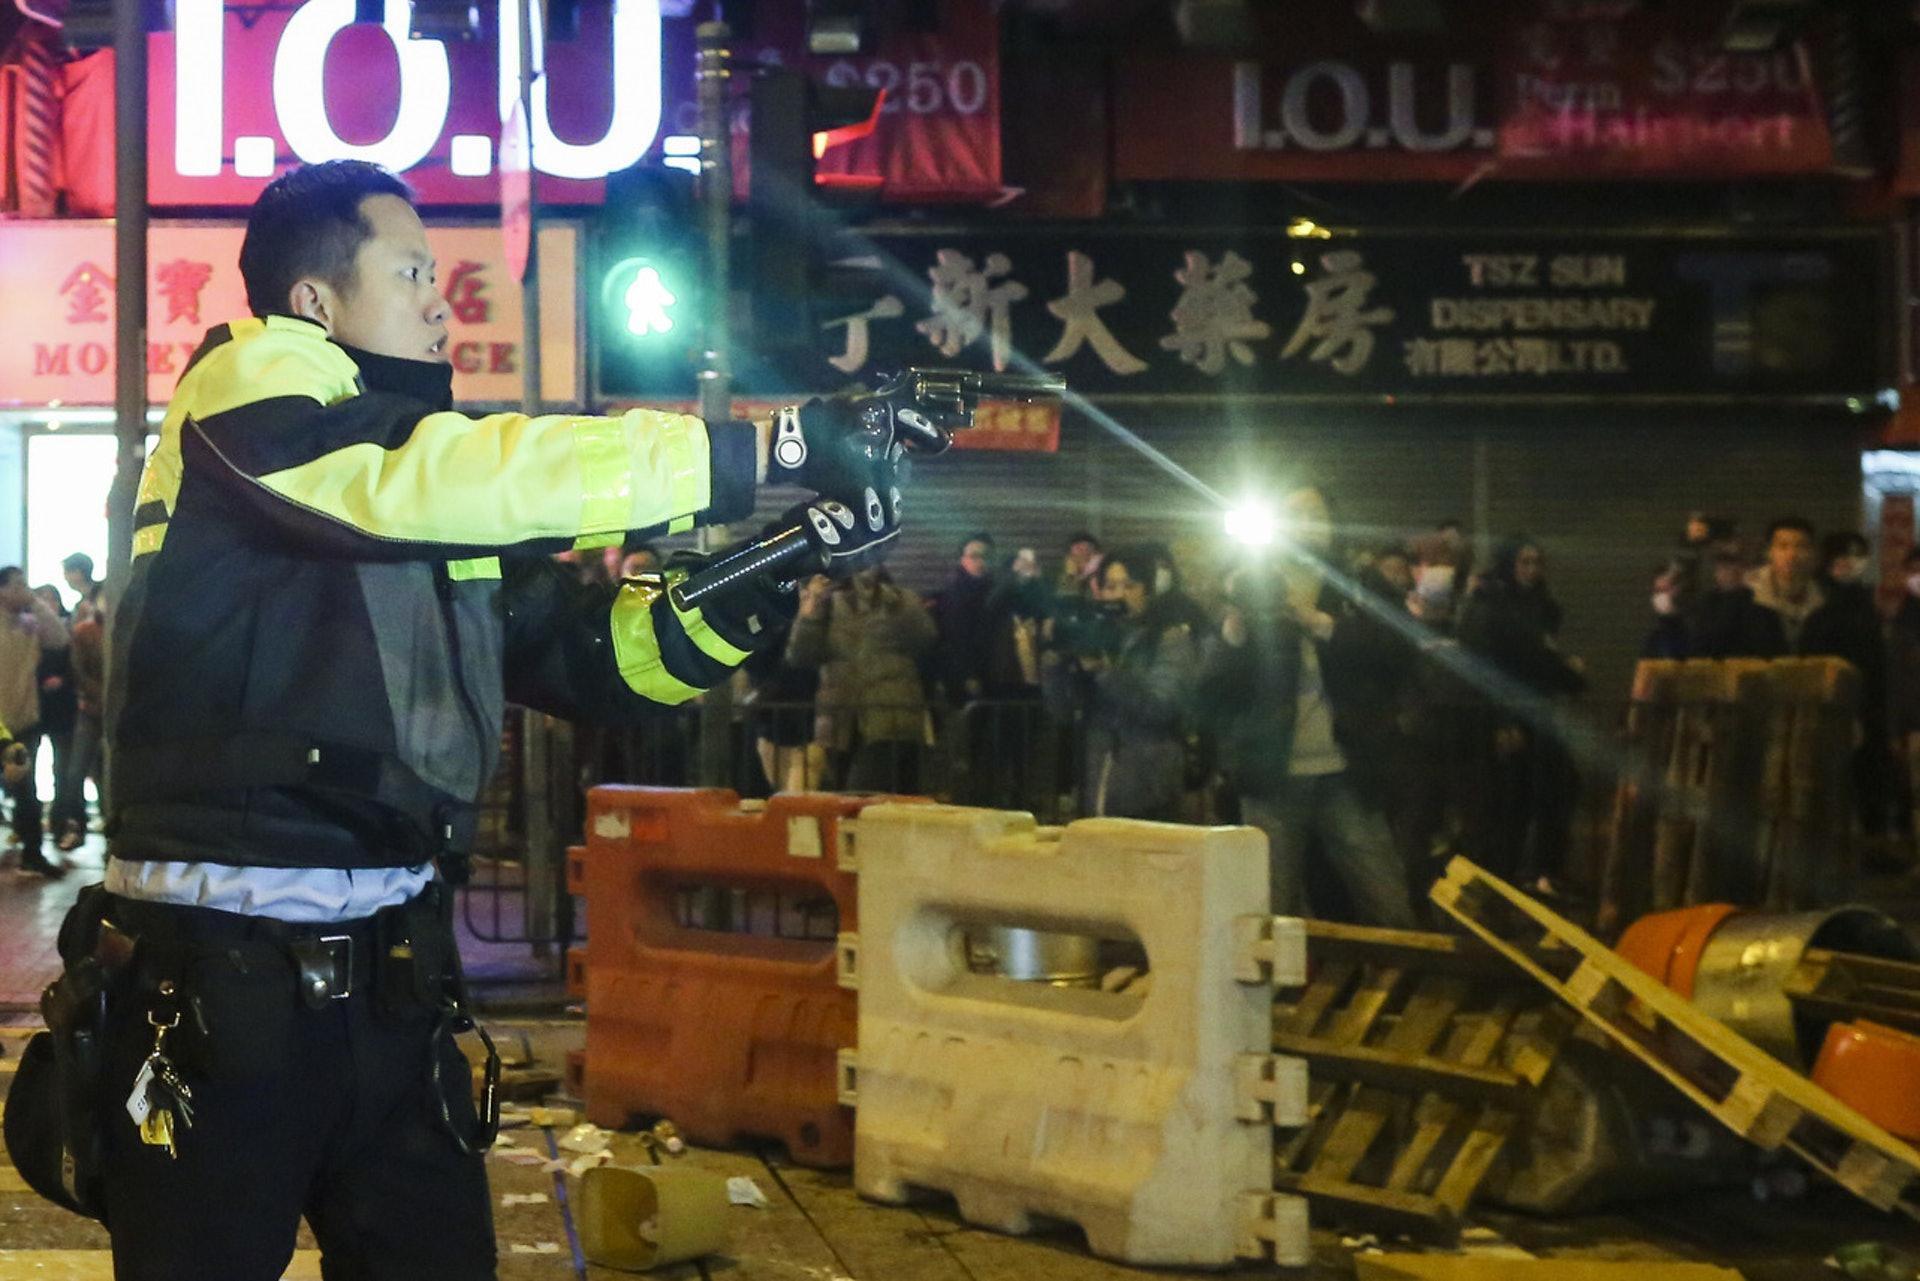 旺角騷亂中,向天鳴槍示警的交通警,曾一度將槍口指向示威者。(資料圖片)